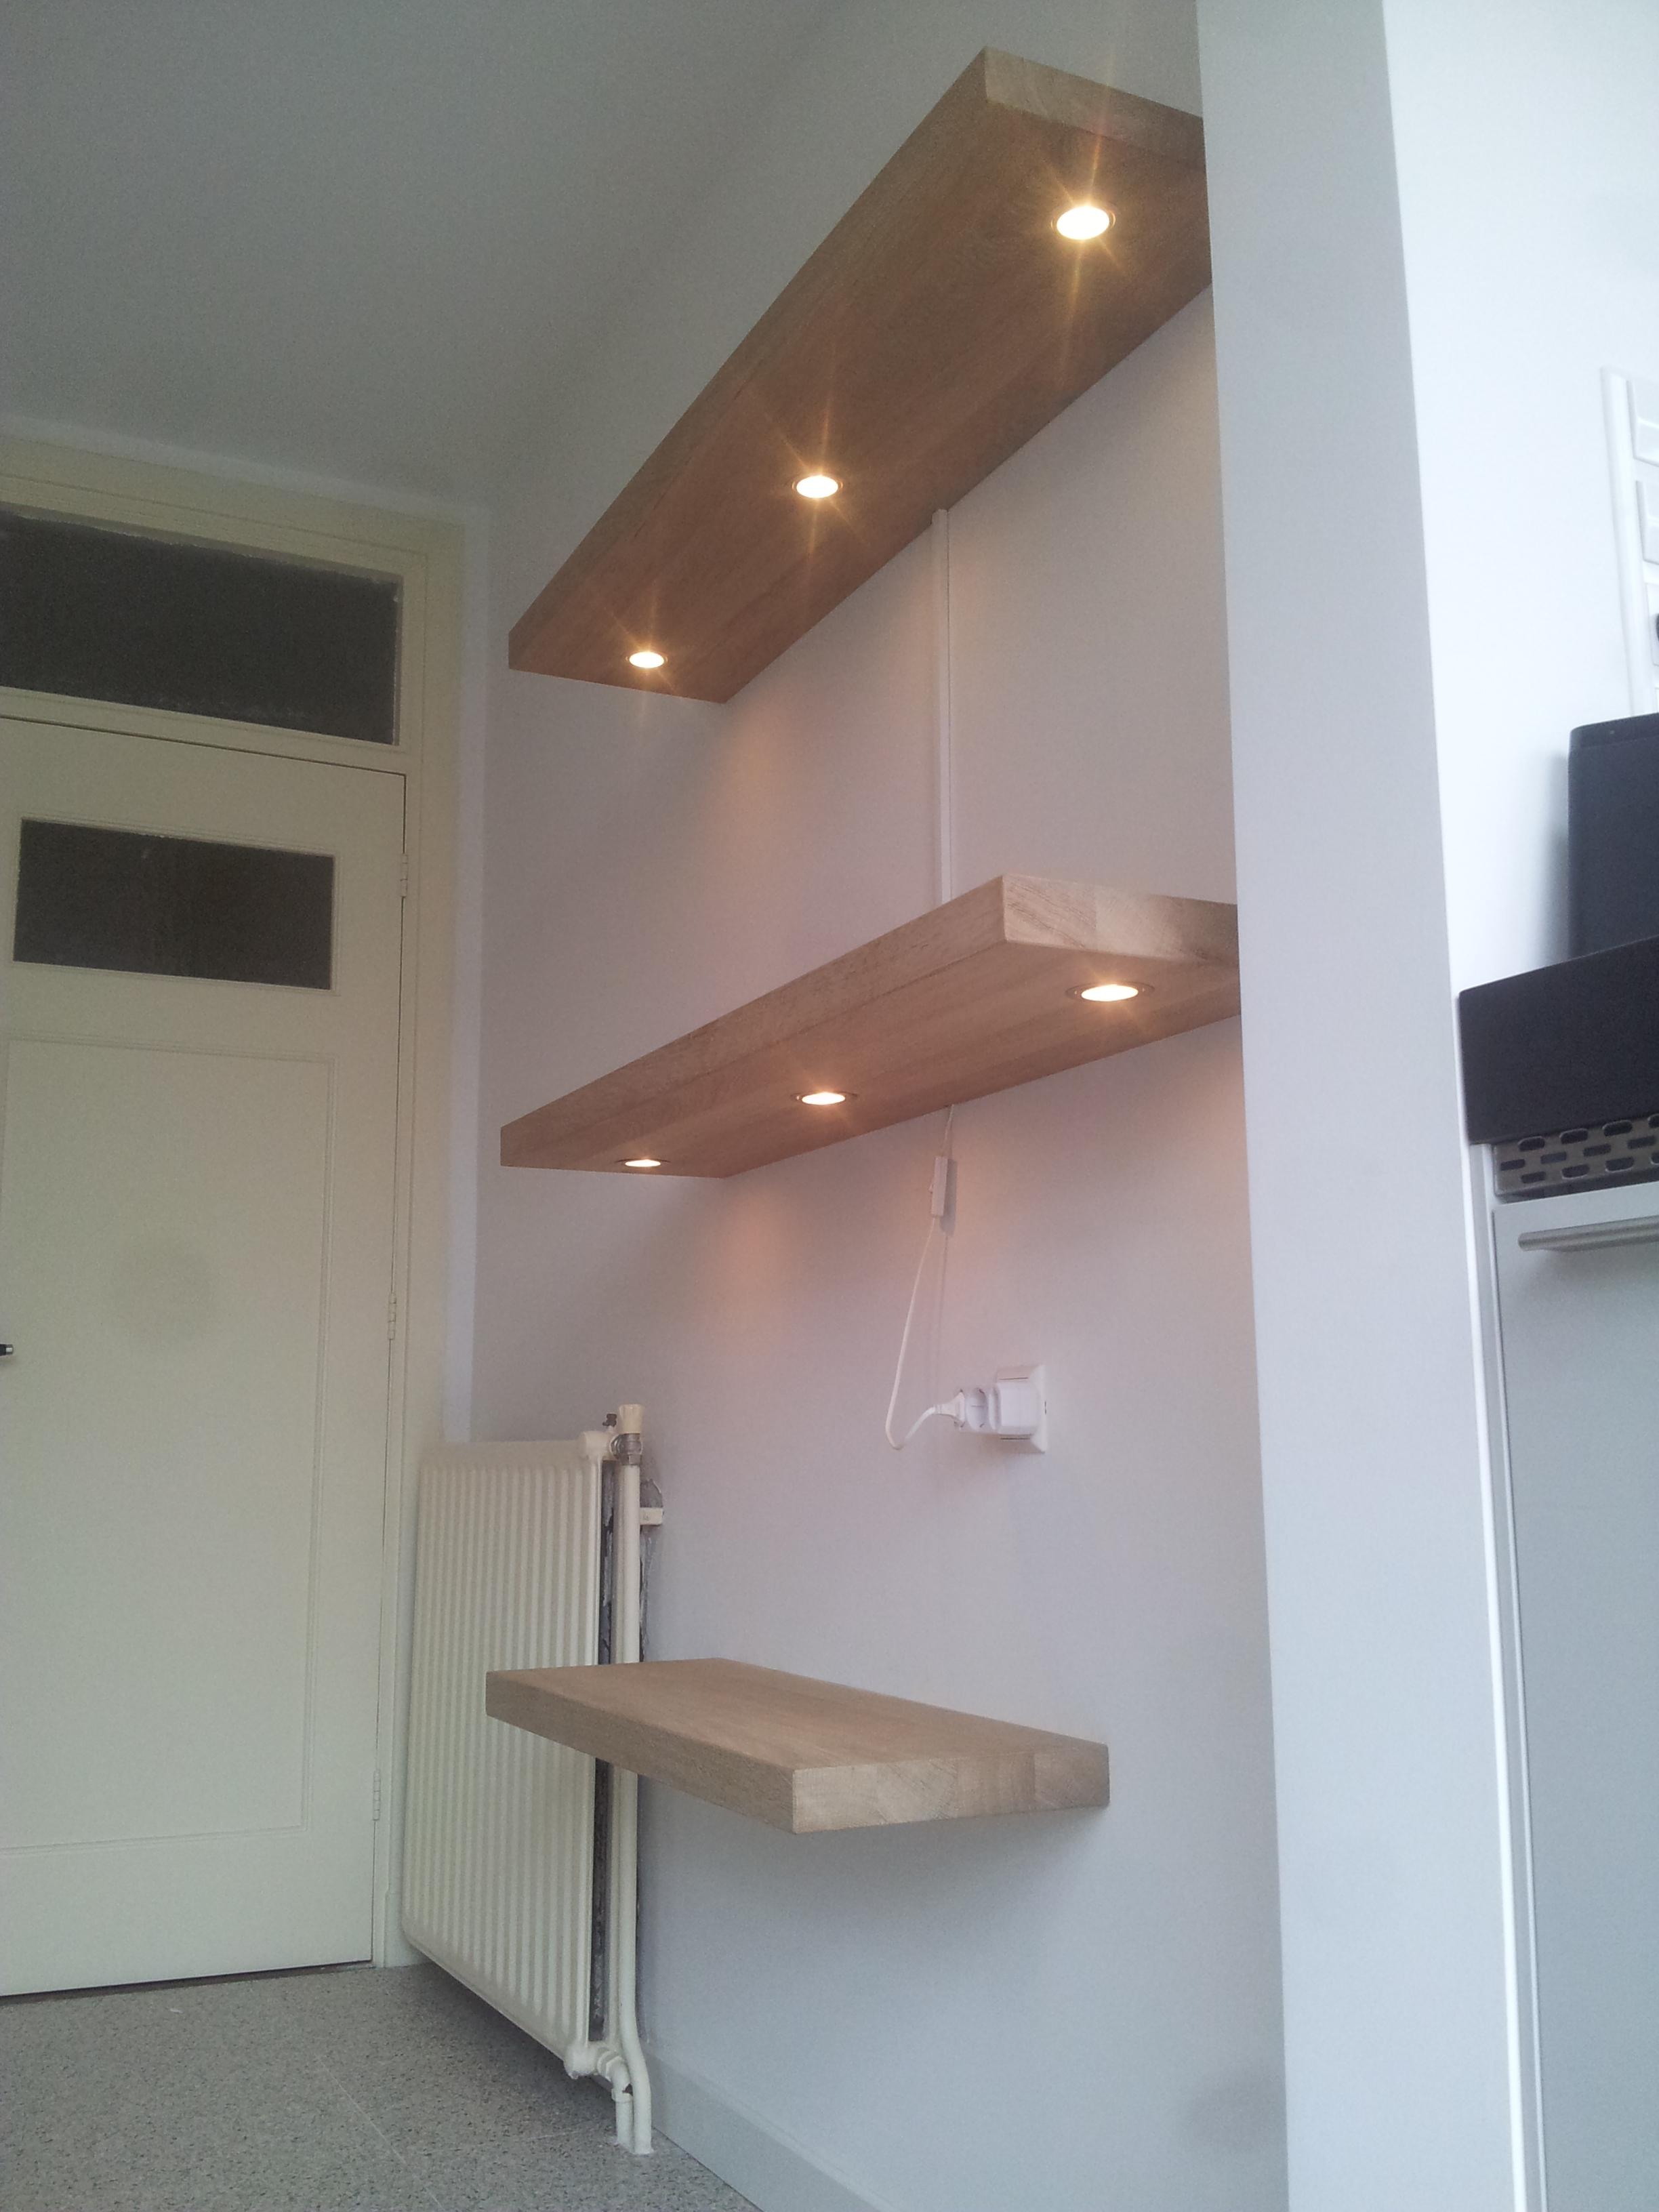 Plank Muur Bevestigen.Wandplank Blind Bevestigen Wandplank Industrial Steigerhout Te Koop